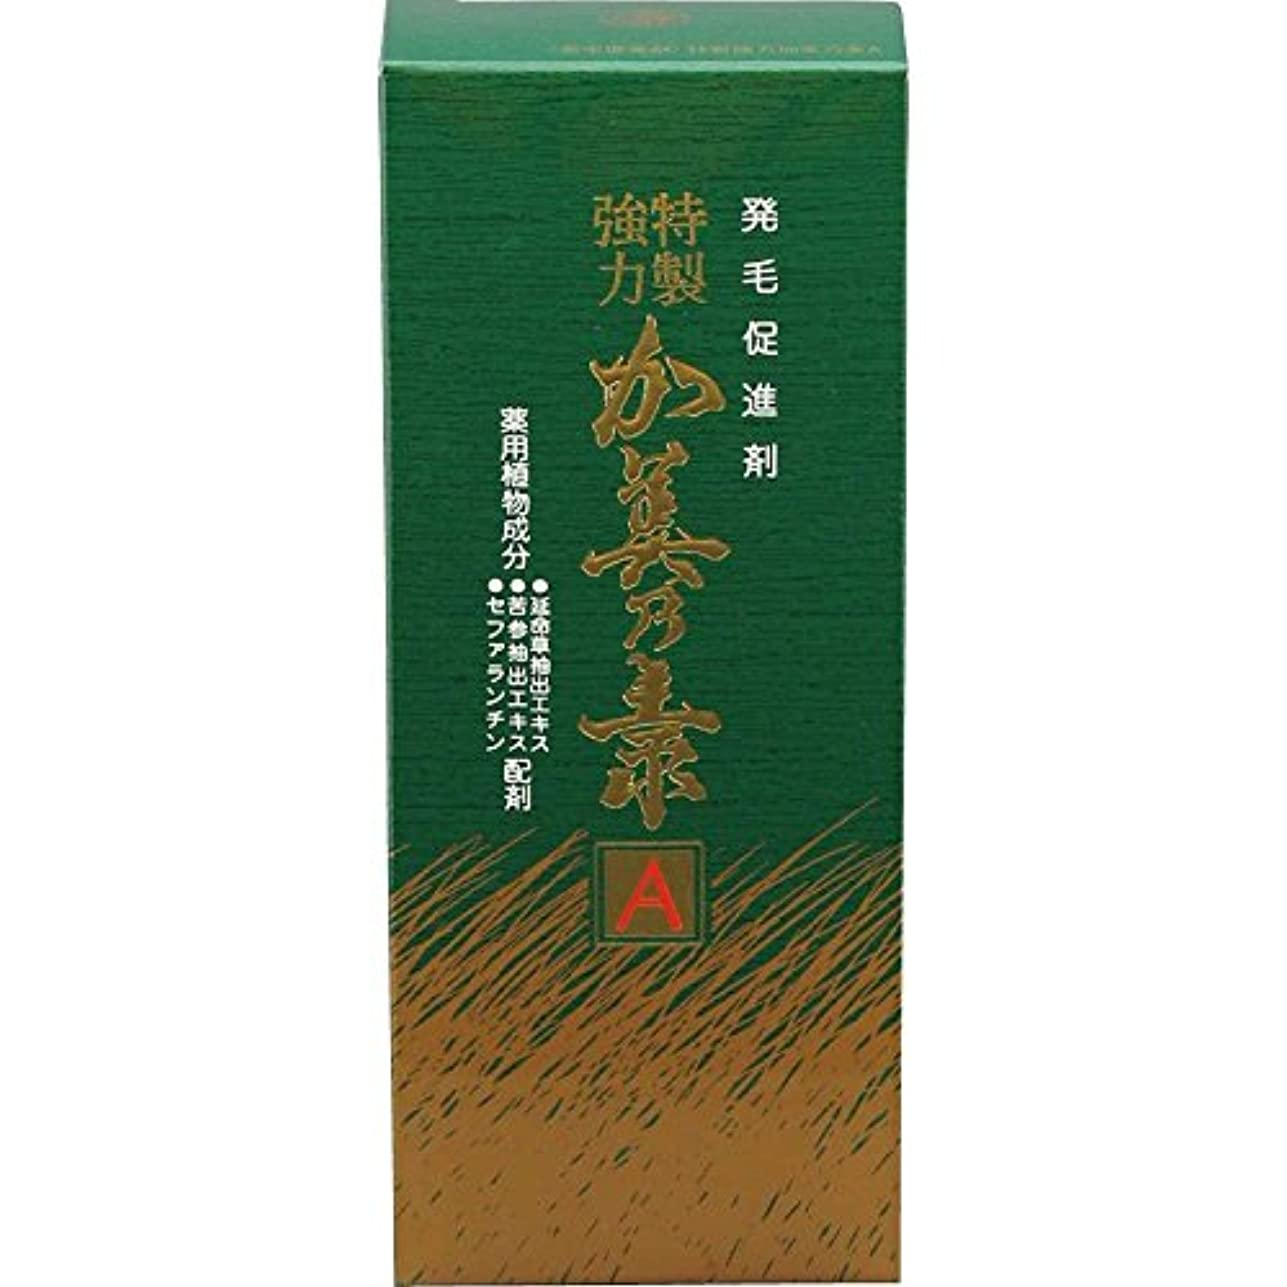 ラフト褐色安らぎ特製強力加美乃素A フレッシュシトラスの香り 180mL×6個